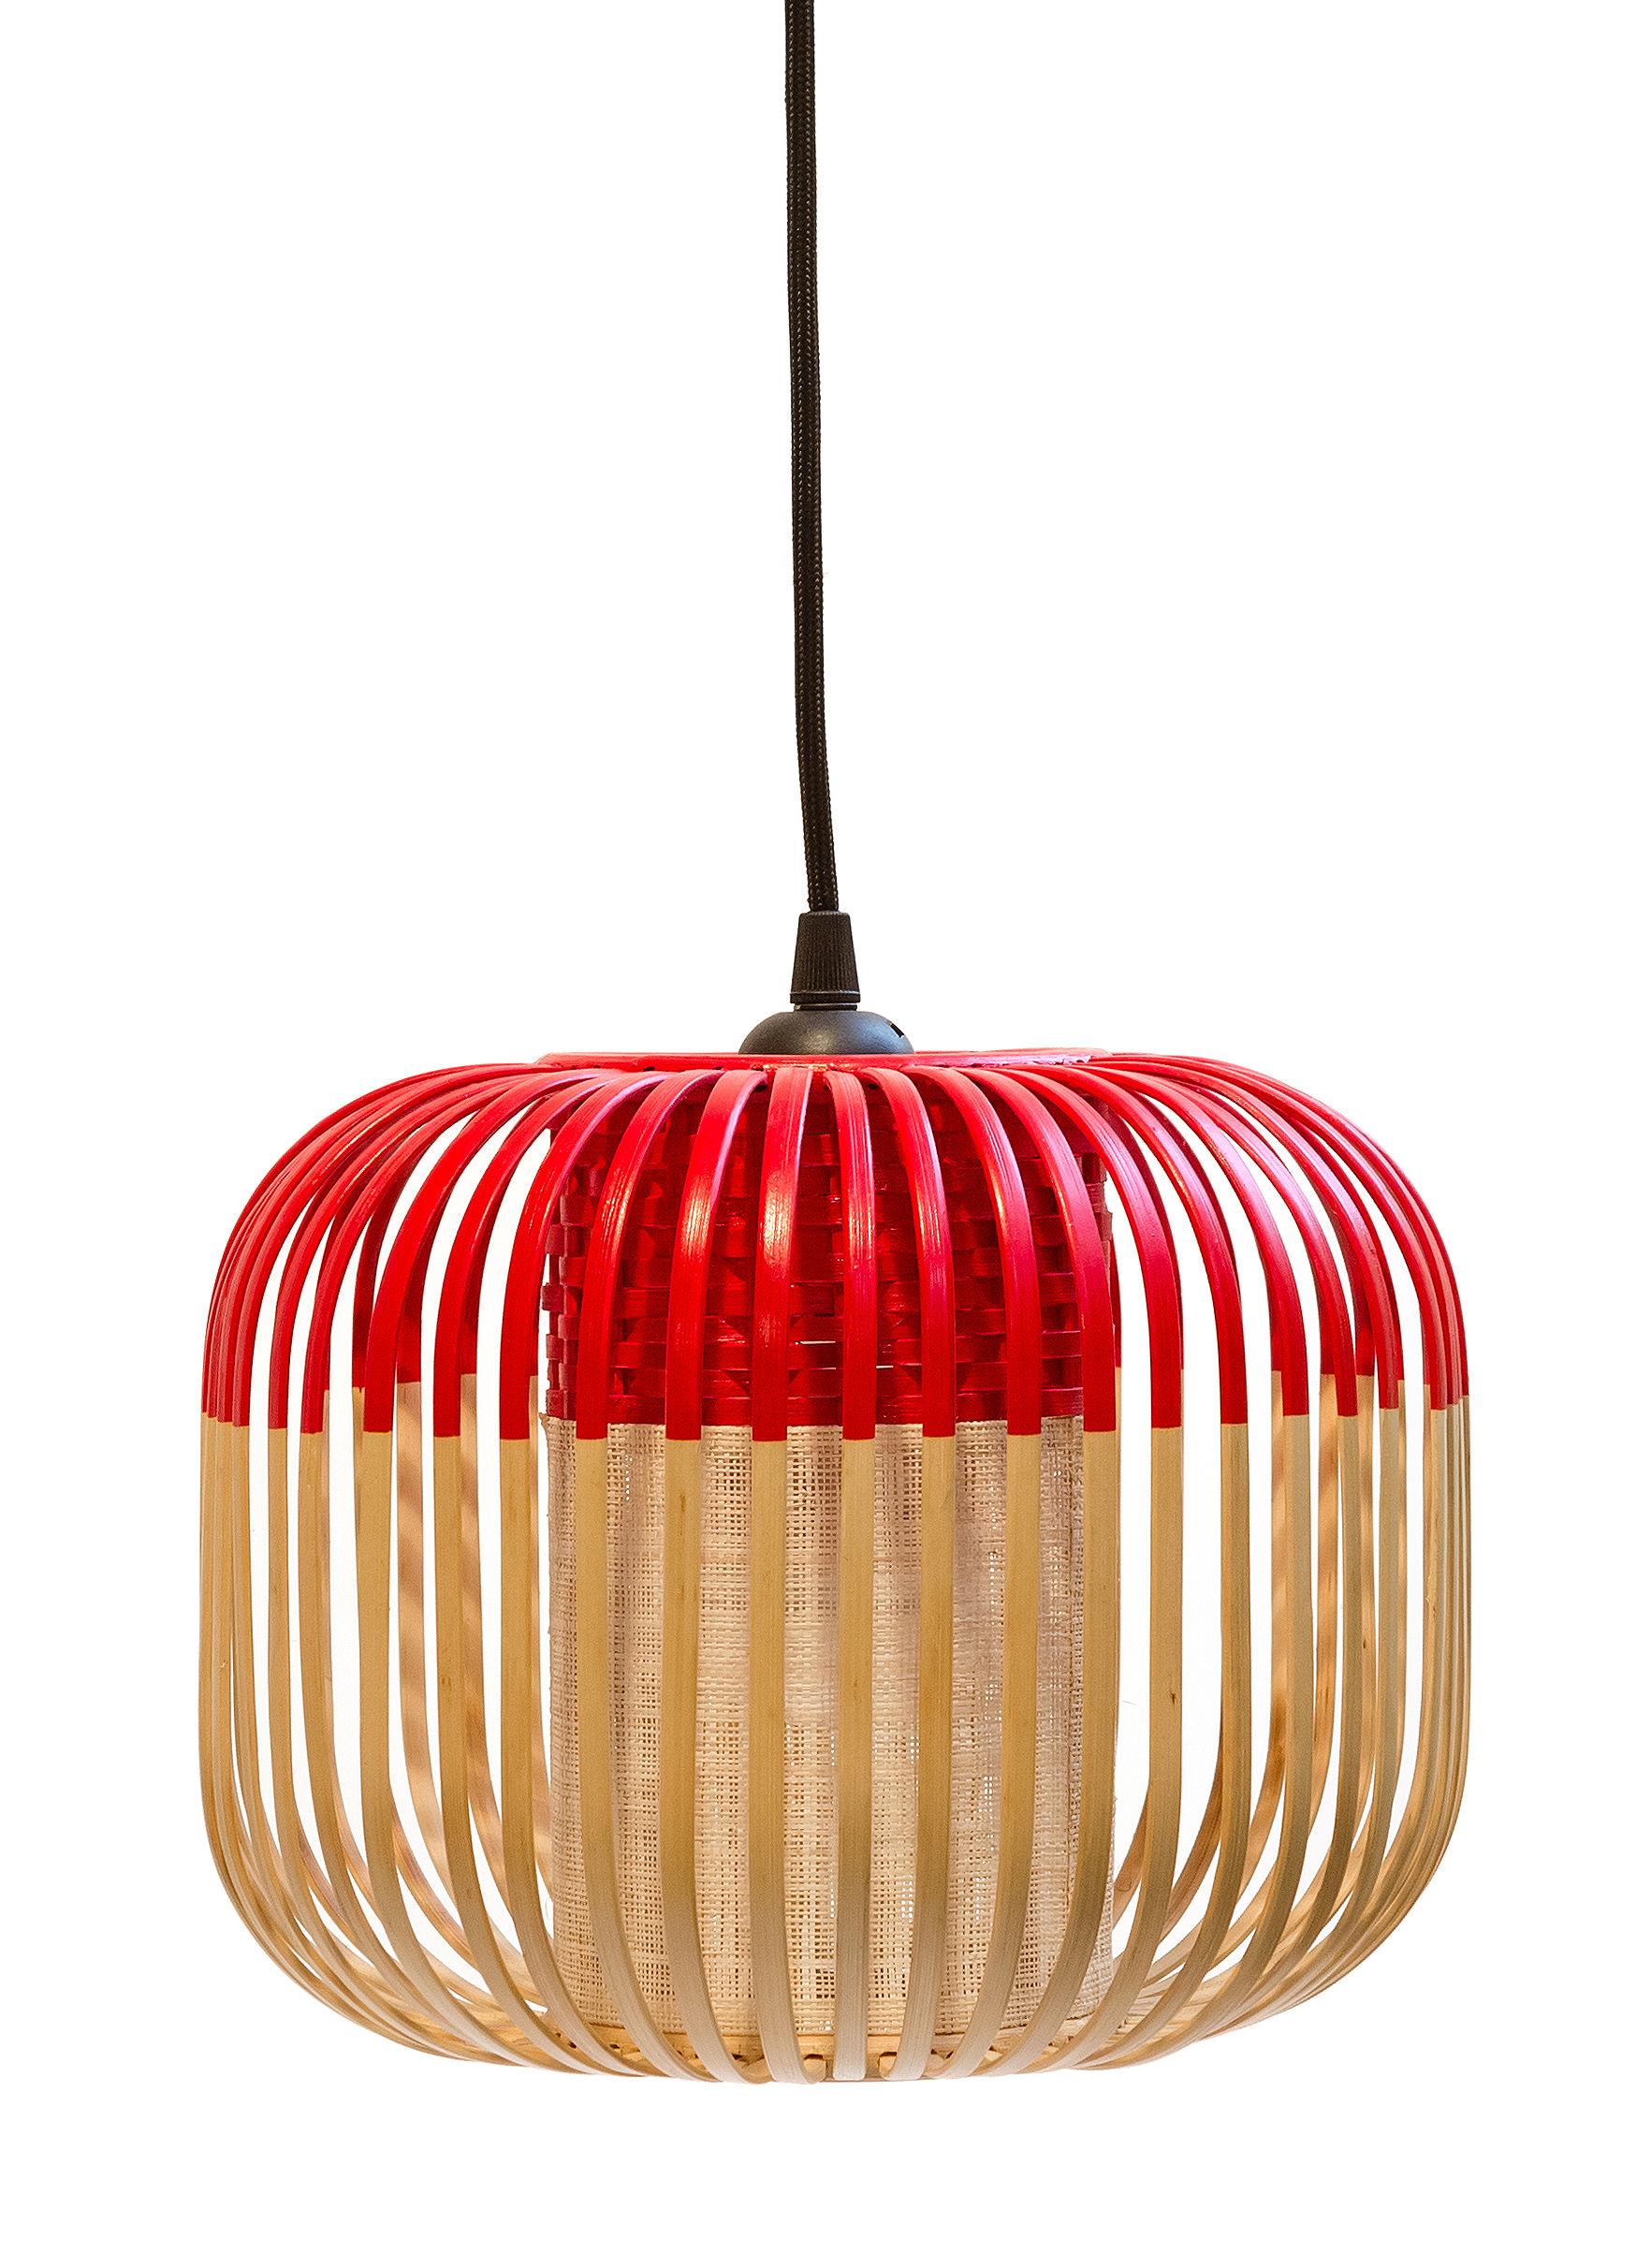 Leuchten - Pendelleuchten - Bamboo Light XS Pendelleuchte / H 20 cm x Ø 27 cm - Forestier - Rot / natur - Gewebe, Metall, Naturbambus